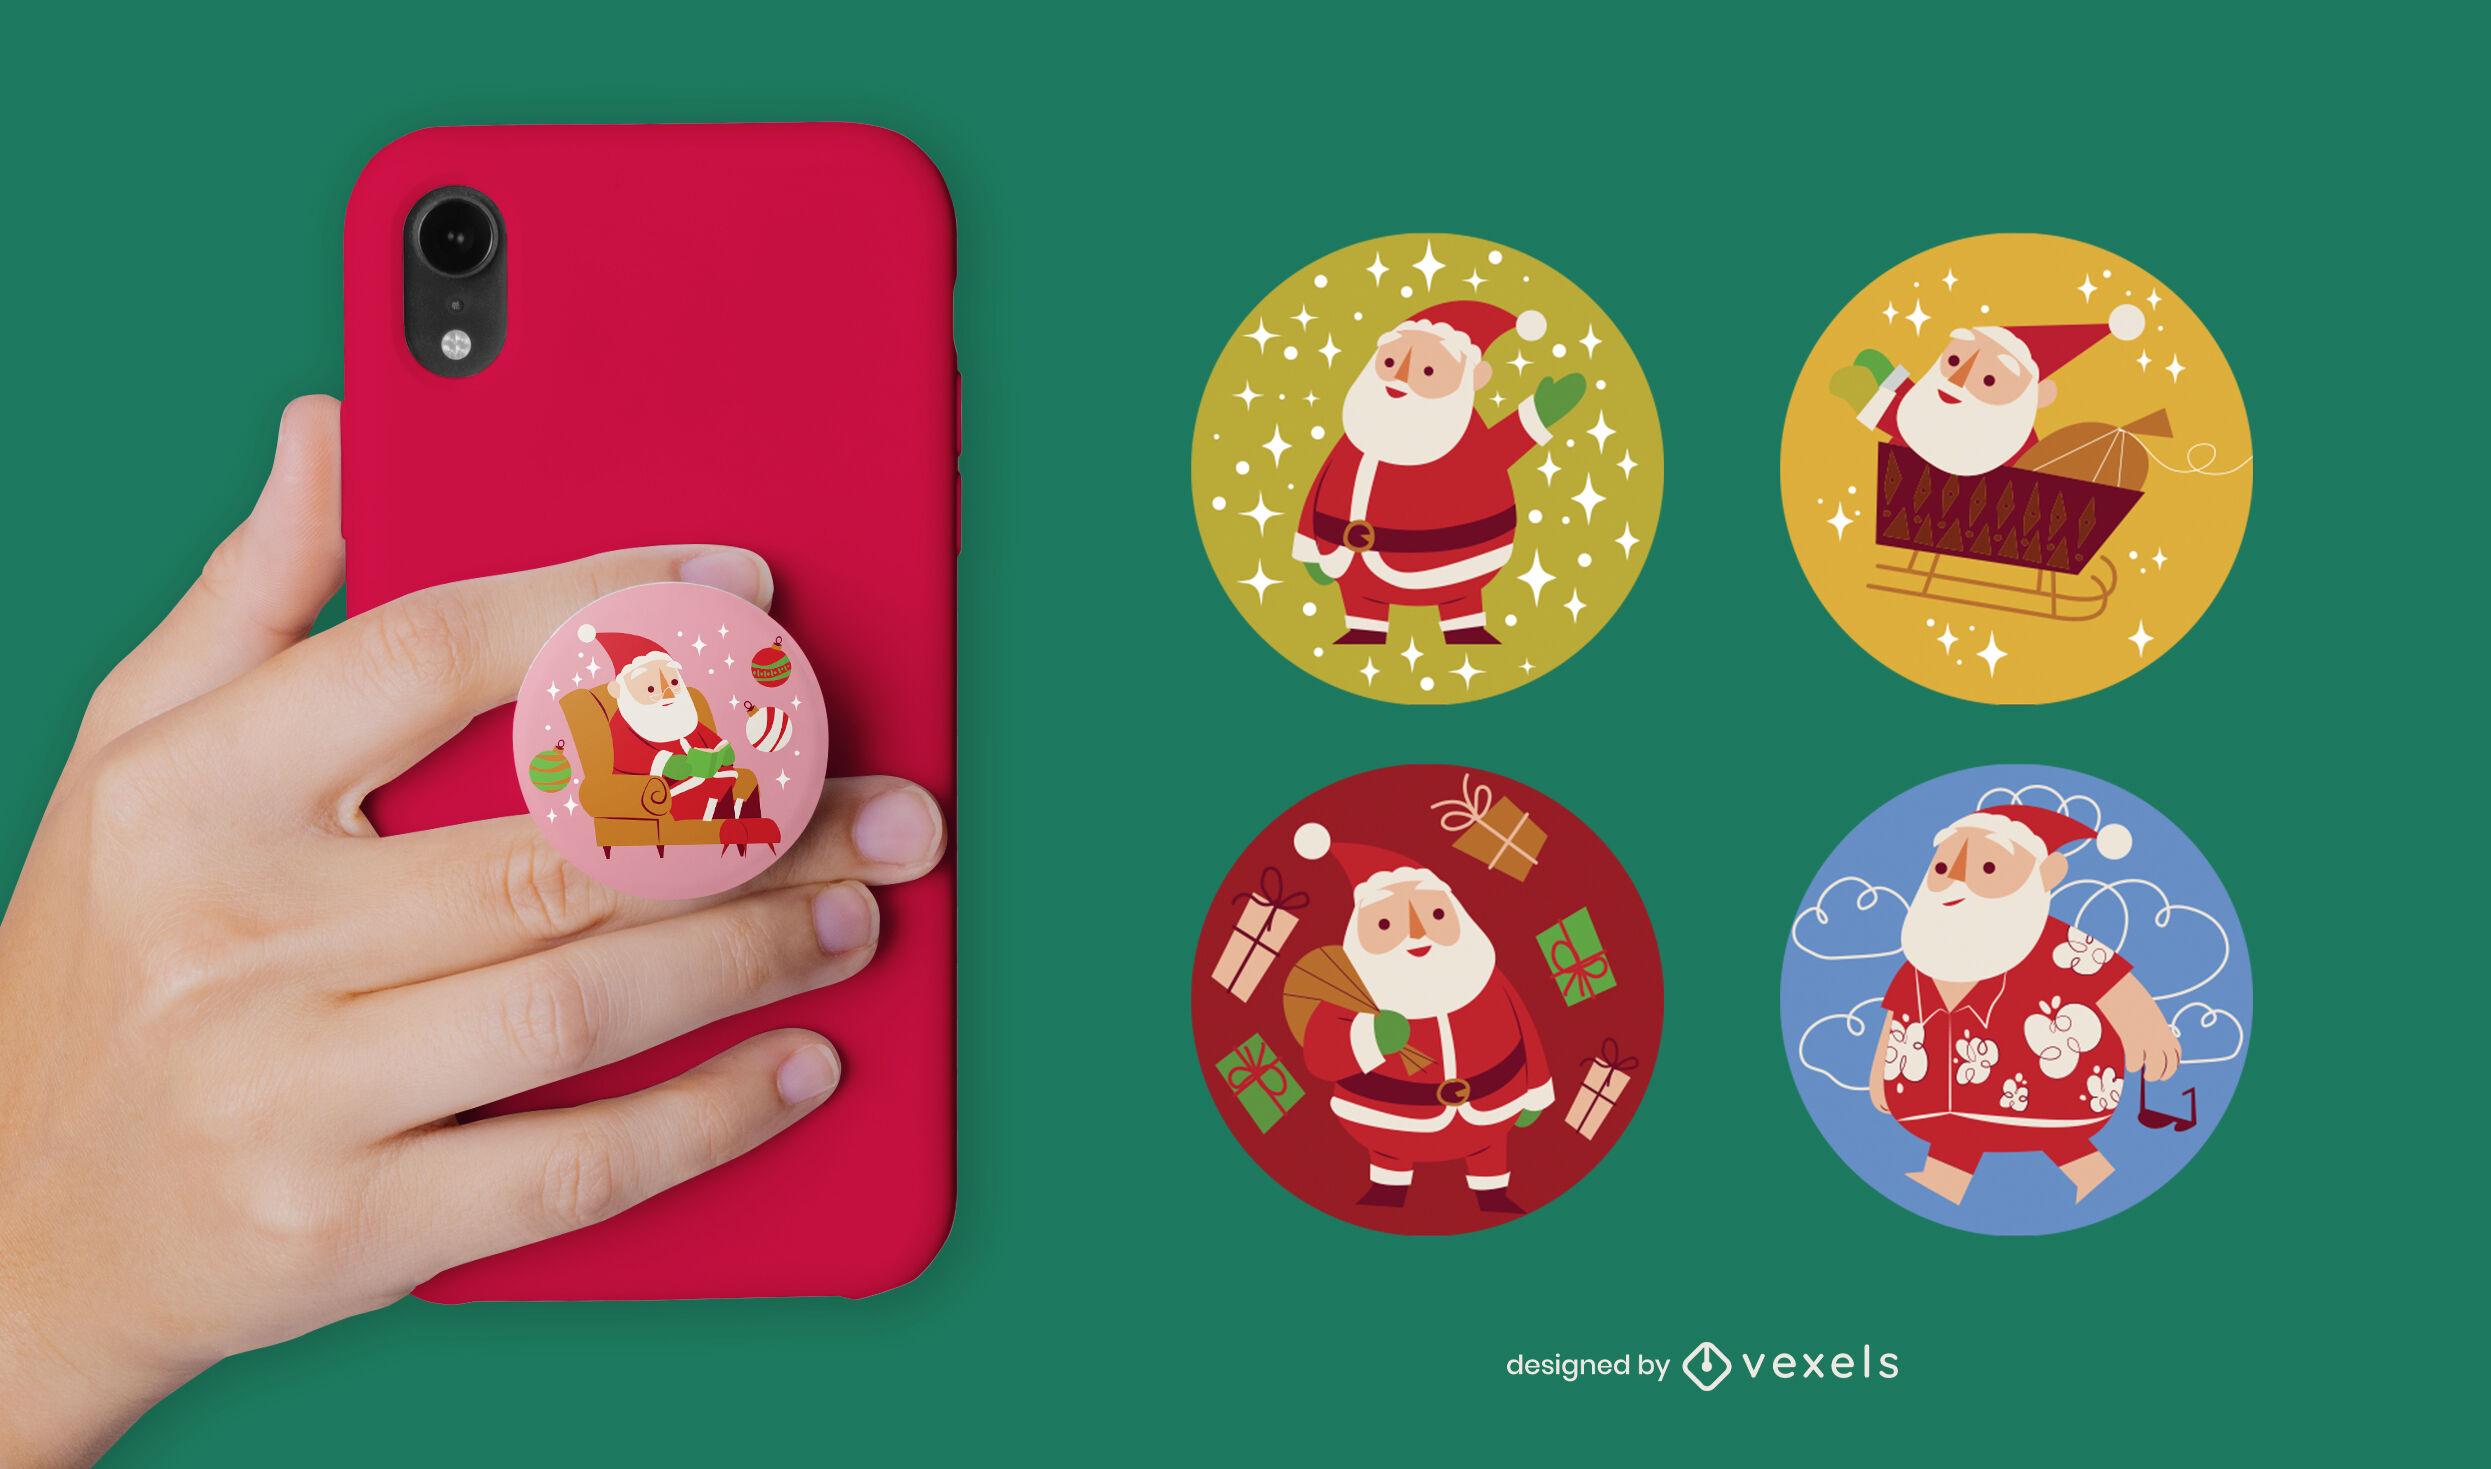 Weihnachtsmann-Weihnachts-Pop-Steckdosen-Set